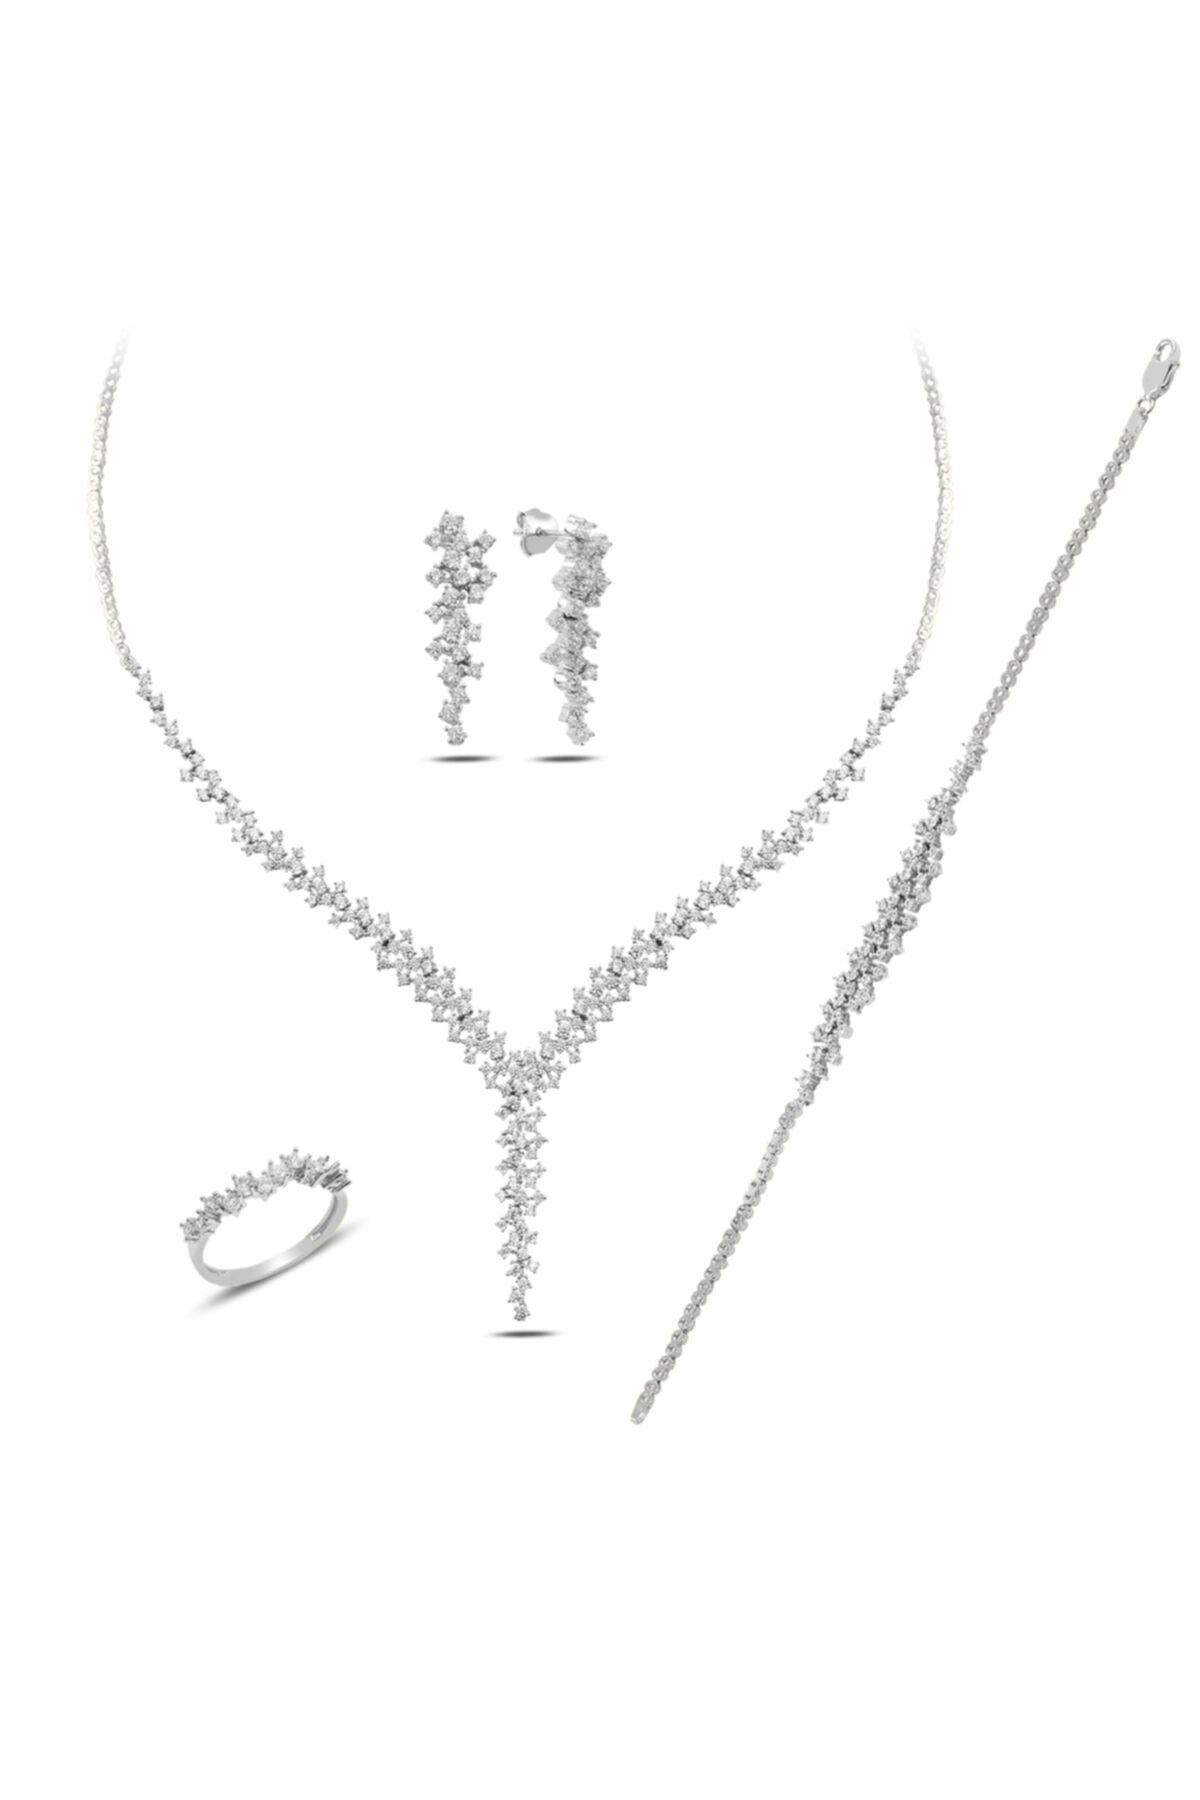 BARIŞ TAKI Kadın 925 Ayar Gümüş Salkım Pırlanta Montür Su Yolu Düğün Seti 2